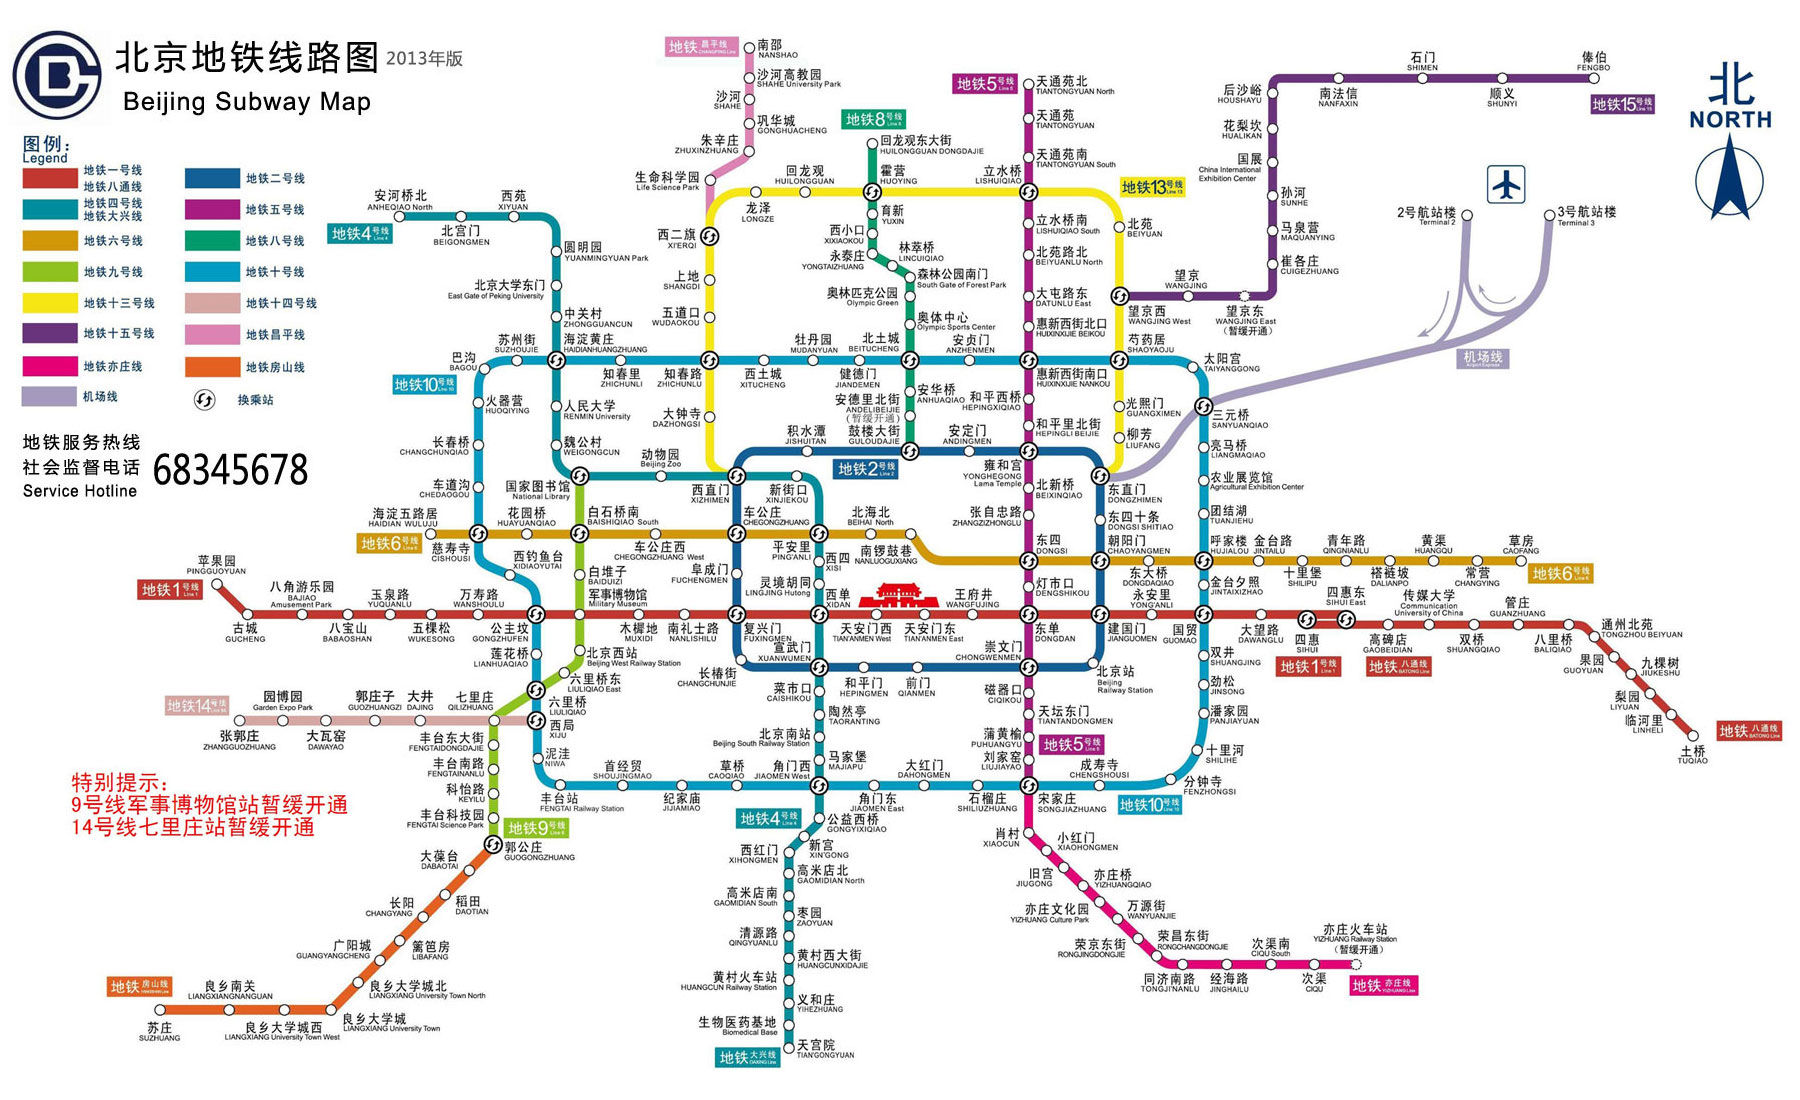 2012年初北京地铁线路图 (1800x1100)-q94 2014年北京地铁线路图片